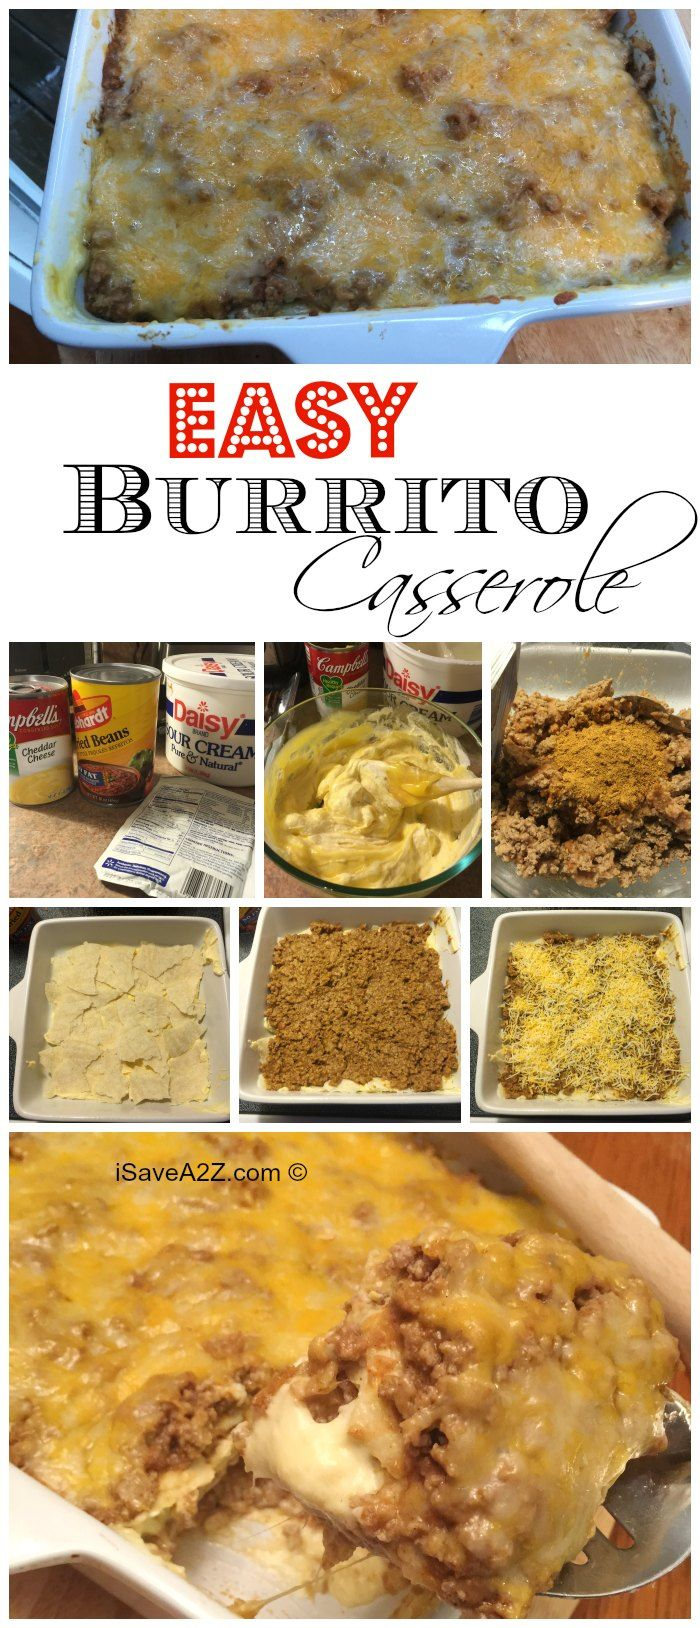 Easy Burrito Casserole Recipe - iSaveA2Z.com